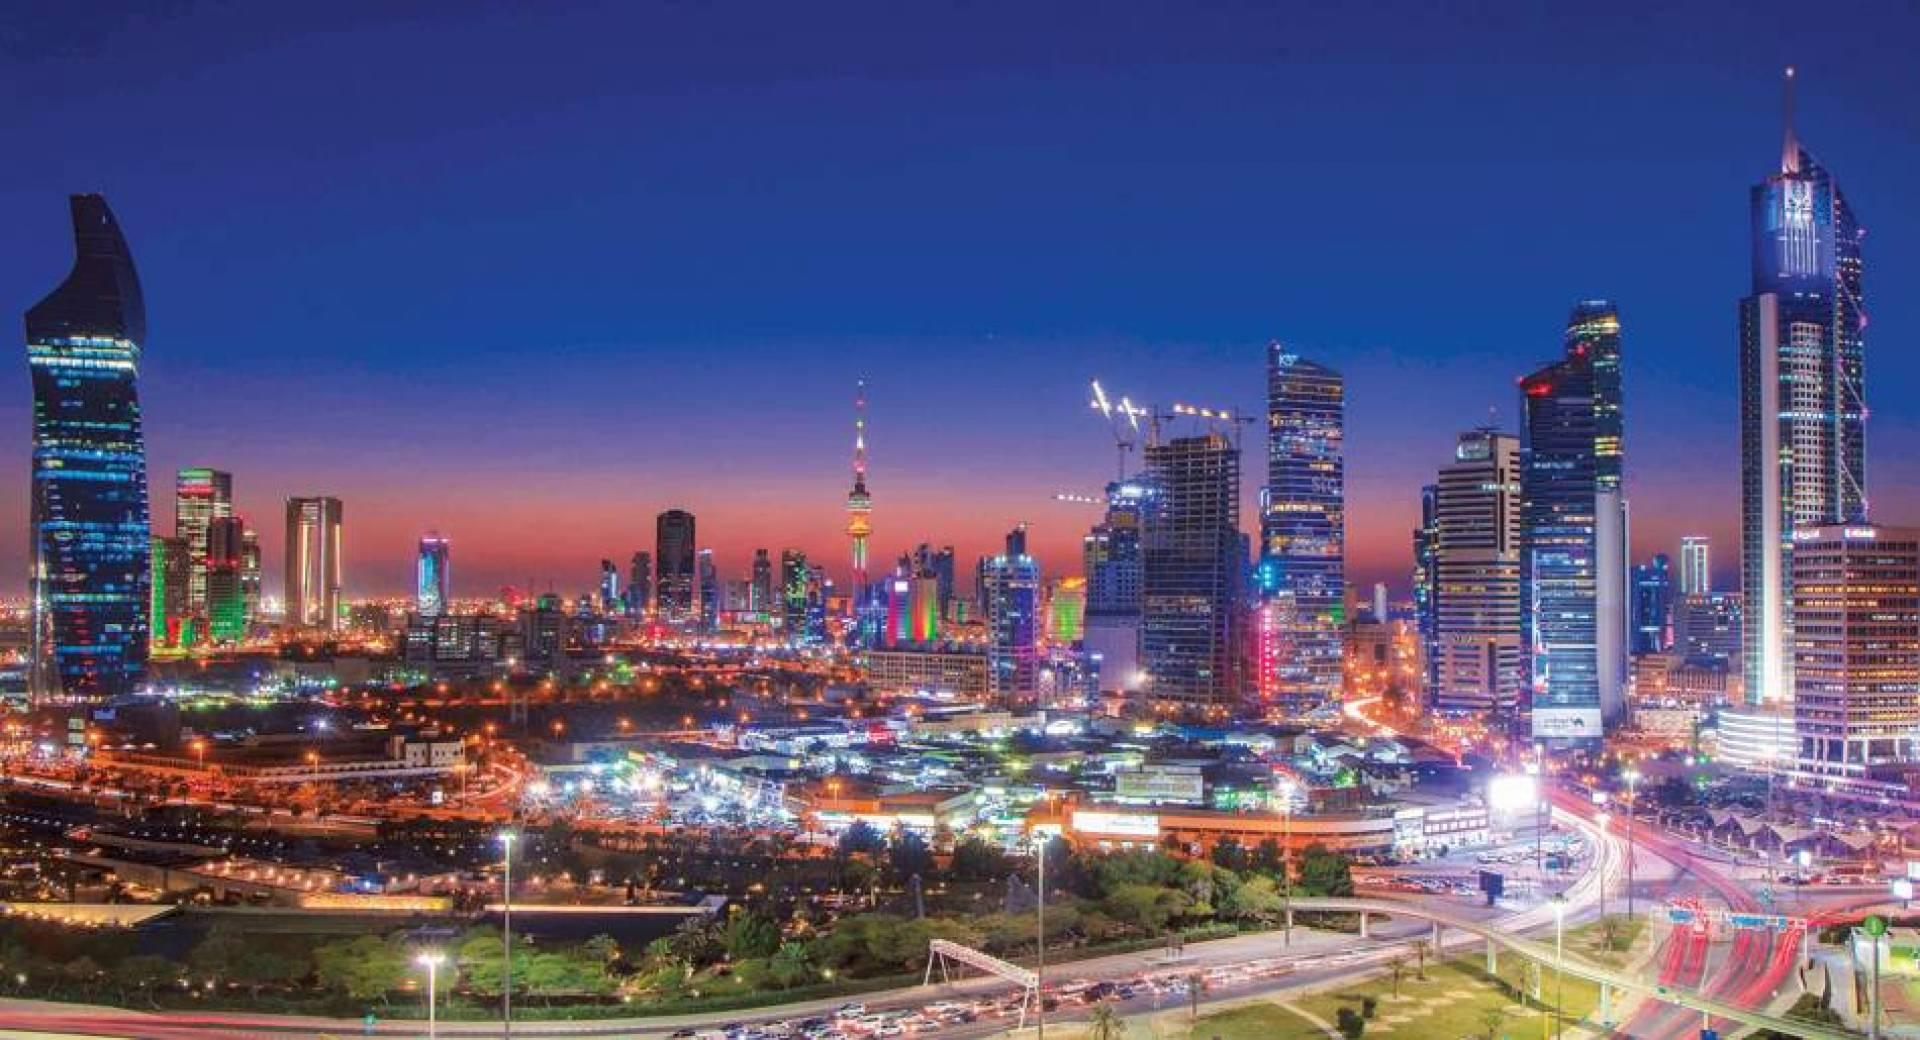 الكويت تزدهي بأنوار الأعياد  | تصوير محمود الفوريكي